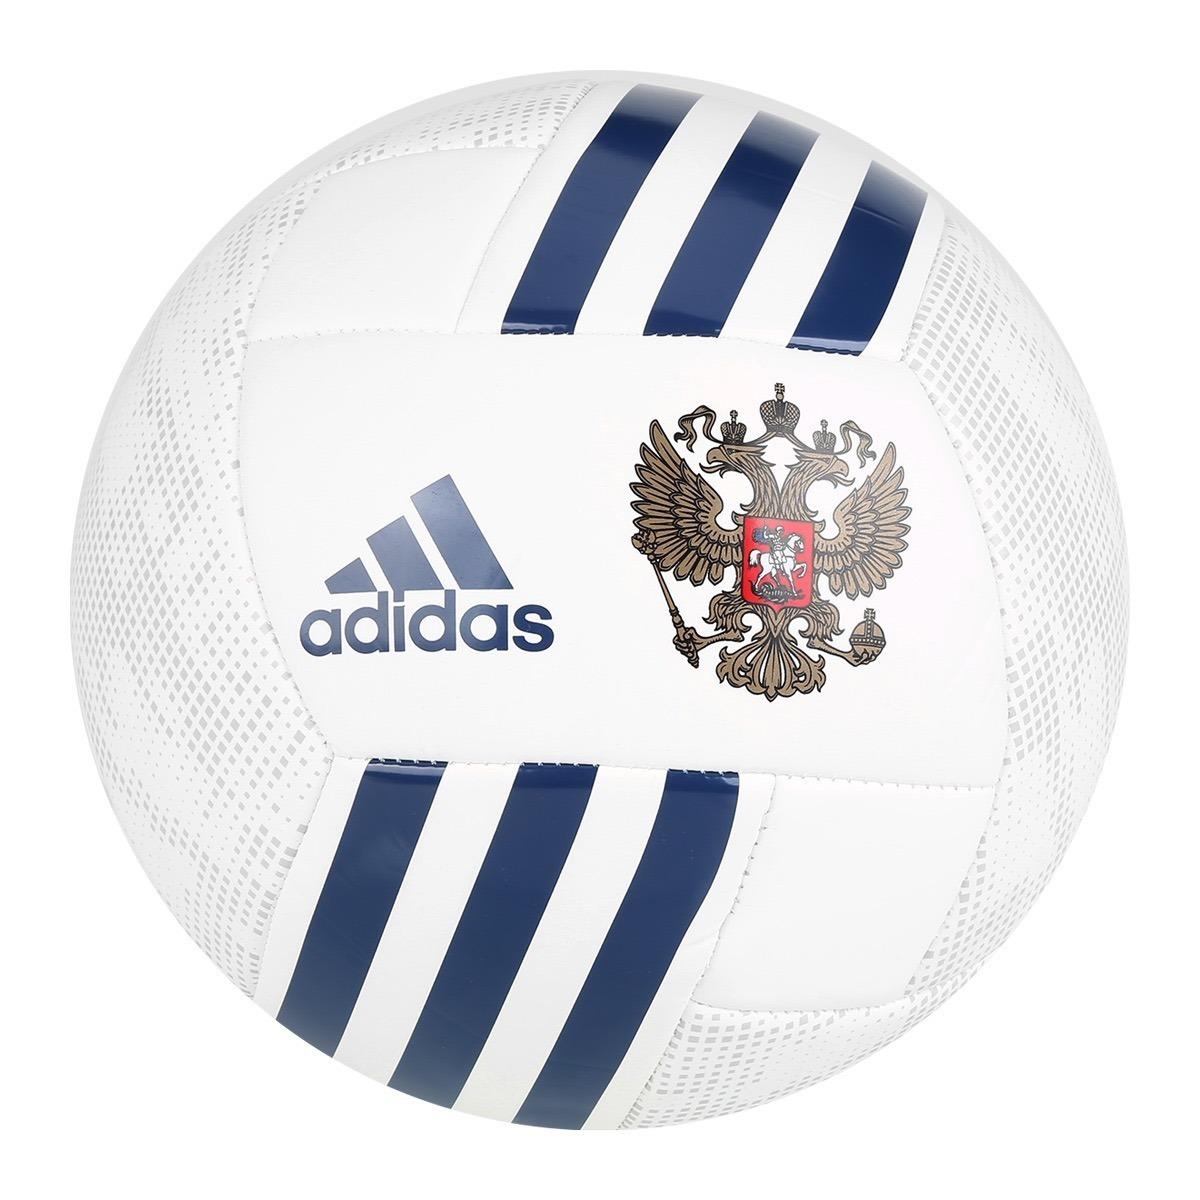 Bola adidas Telstar Copa Do Mundo Russia 2018 Original - R  79 4278d64365f08